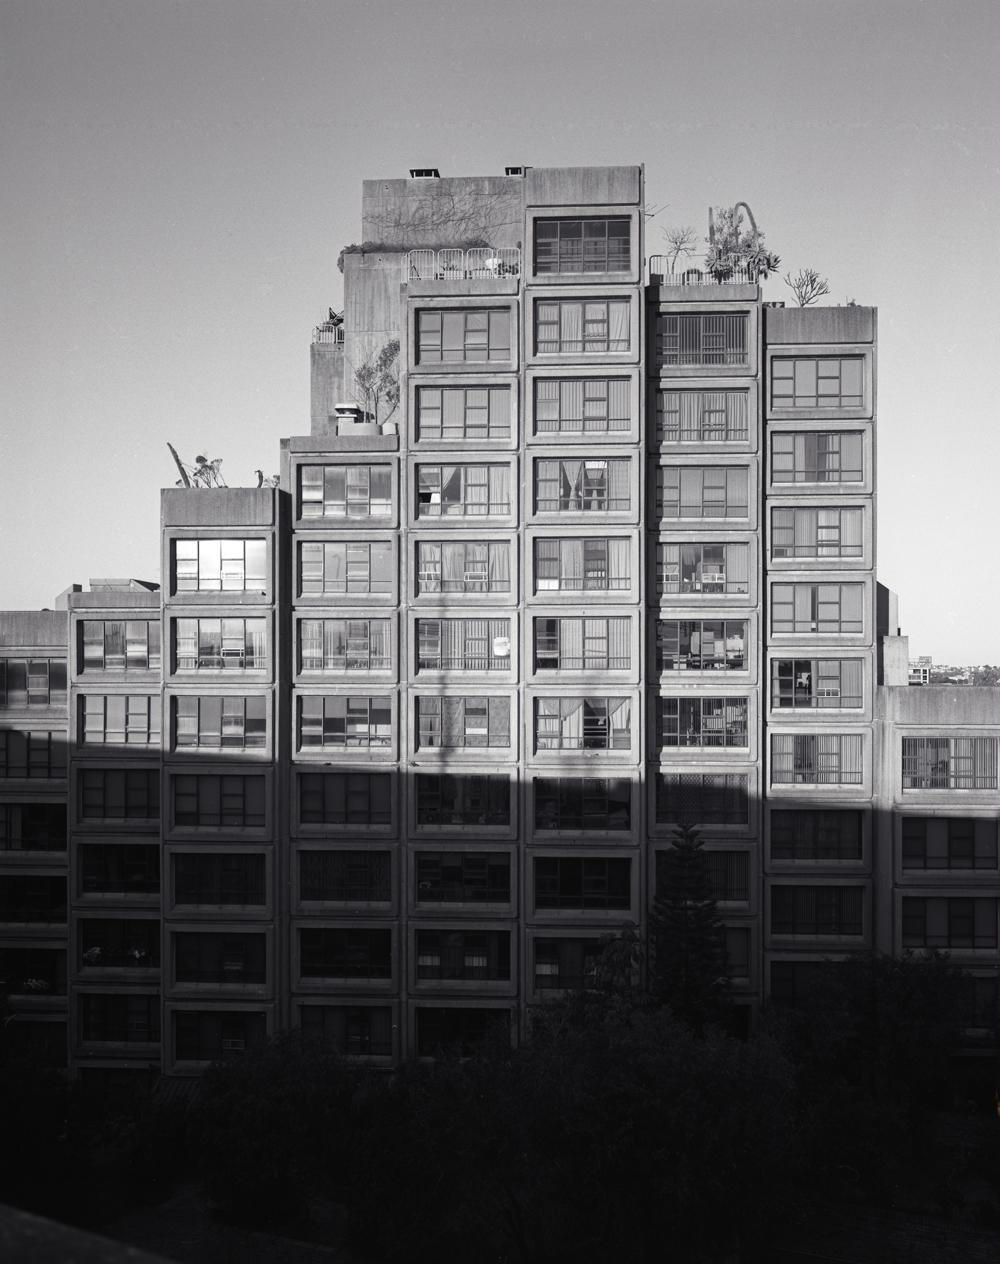 Geoffrey Roberts,  Sirius, Millers Point, Sydney  2013